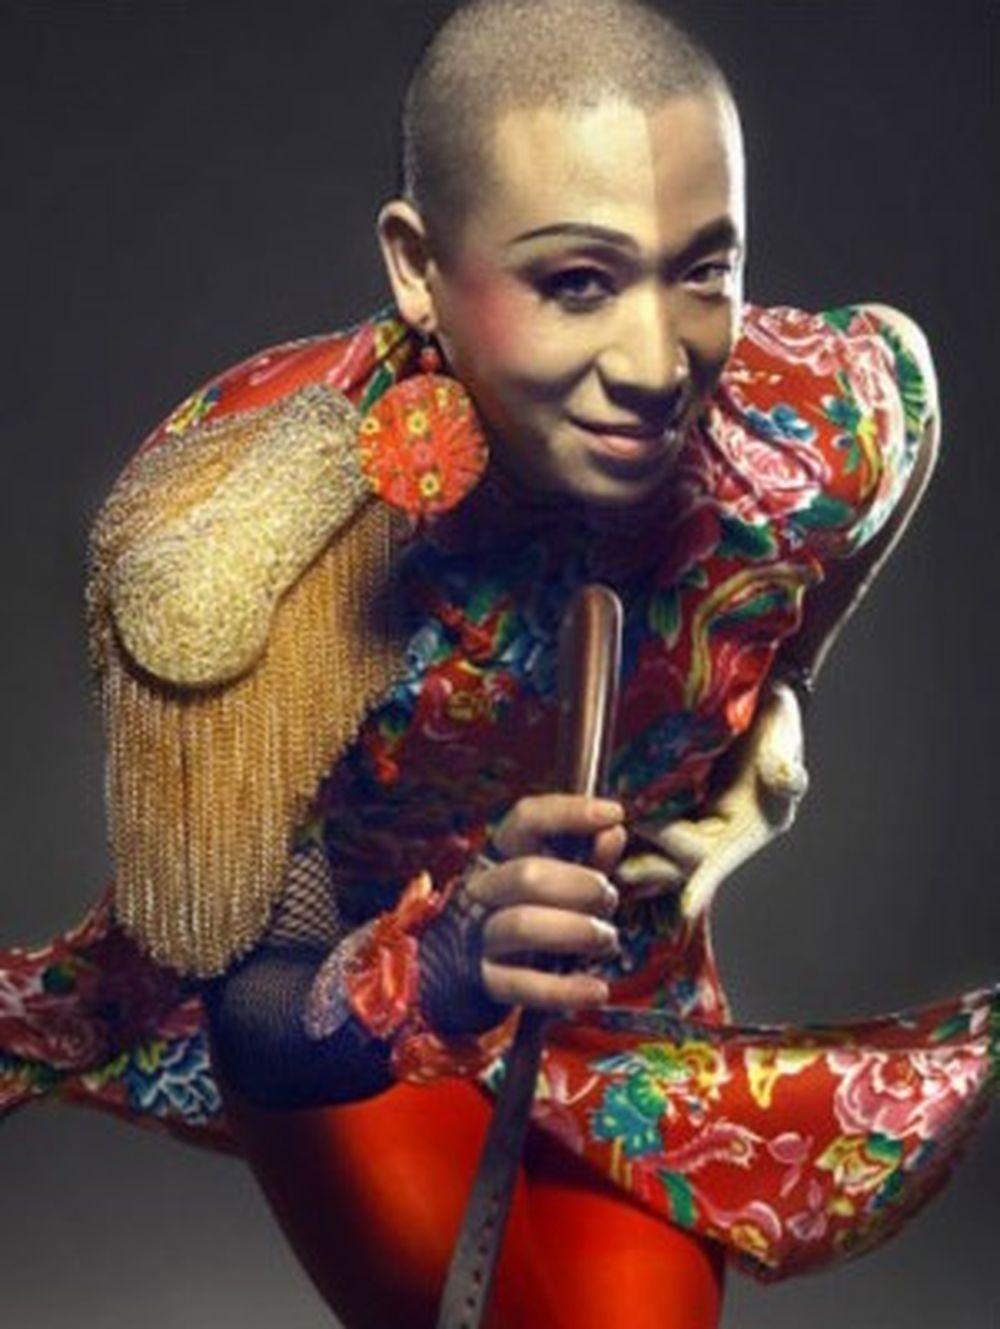 ... cũng không lo ảnh hưởng đến ai khác. Người tình của Vương Phi là Lương  Long, một ca sĩ nhạc rock cho biết anh và cô đã quen nhau từ 13 năm trước.